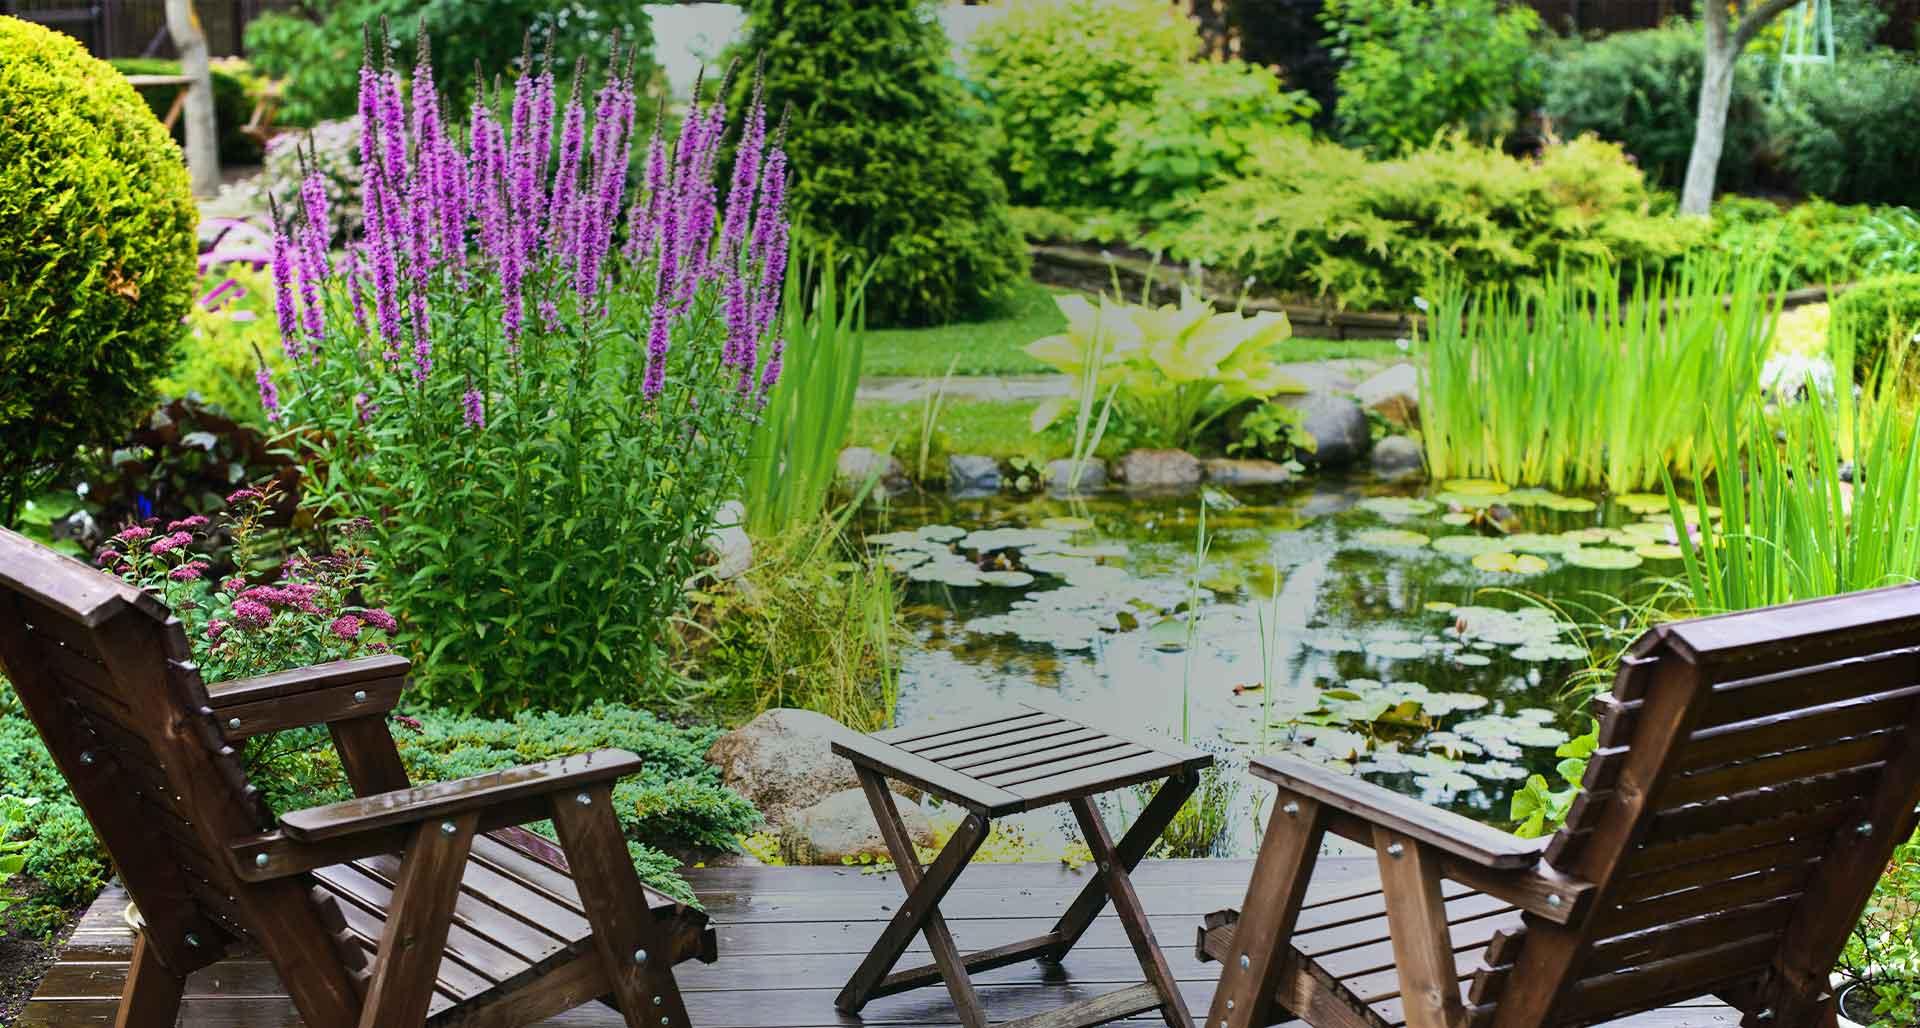 Jardineries Truffaut : Spécialiste Jardin, Animaux, Maison ... concernant Table De Jardin Truffaut